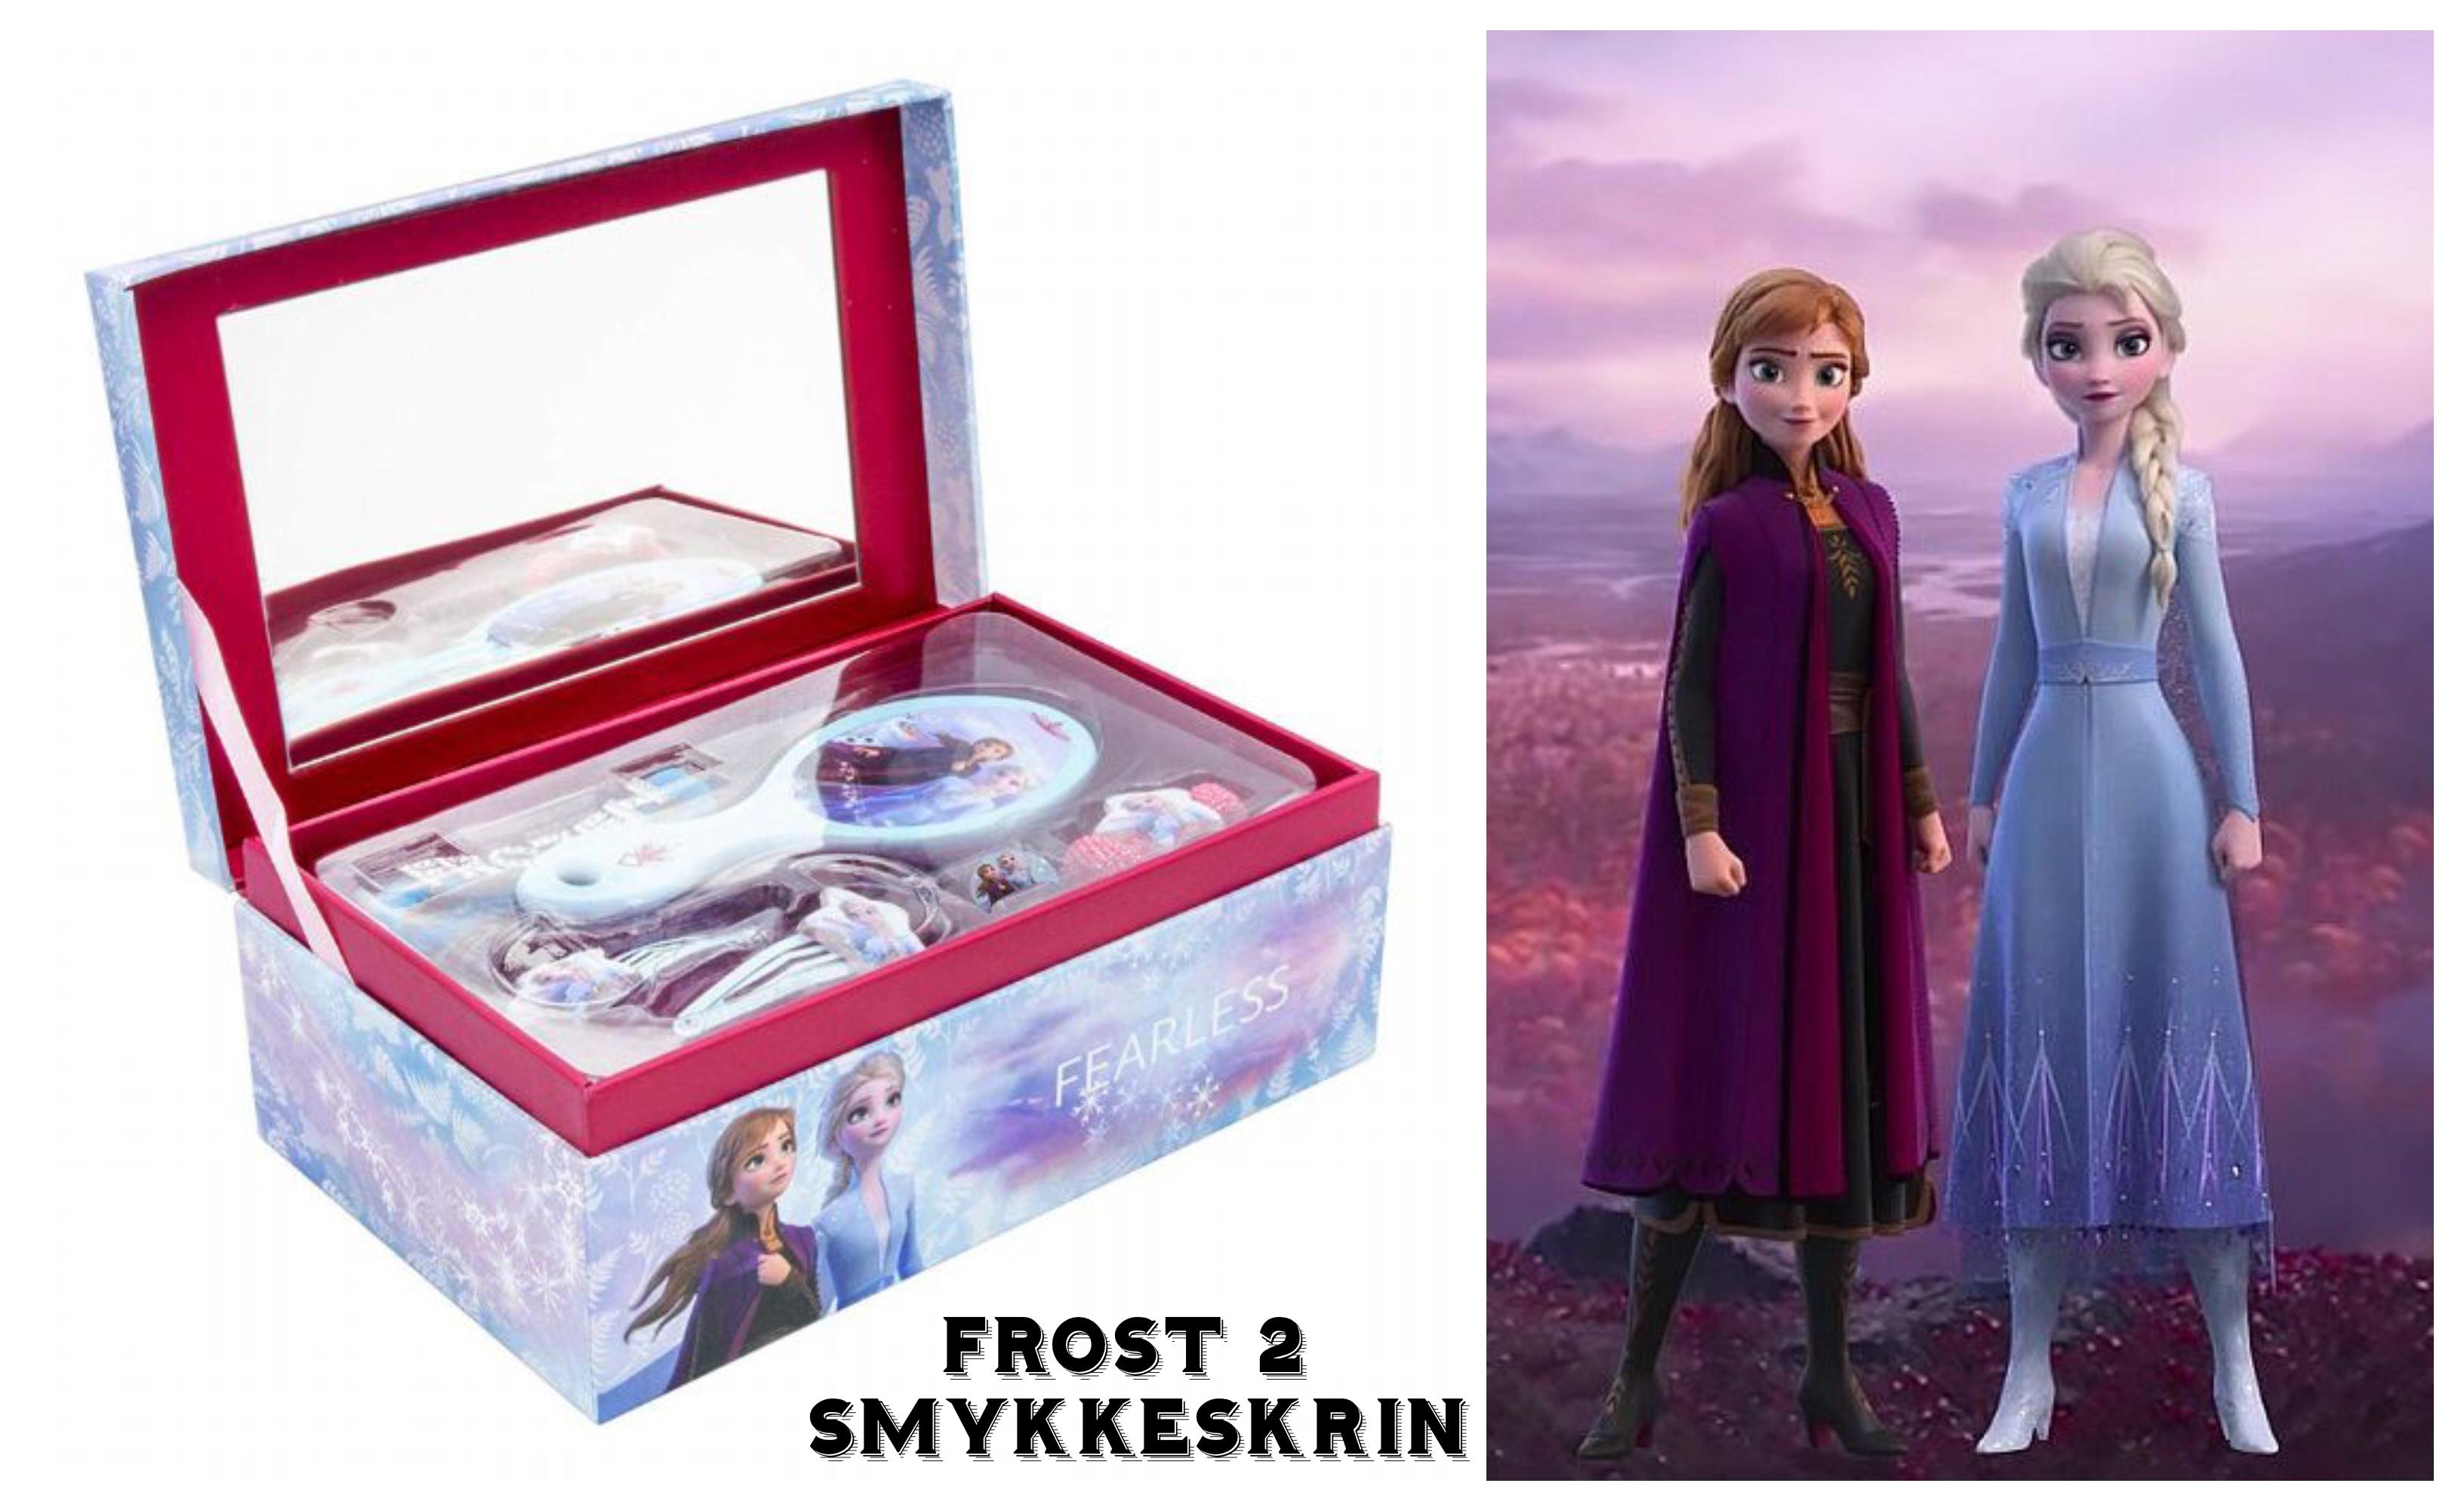 Frost 2 smykkeskrin